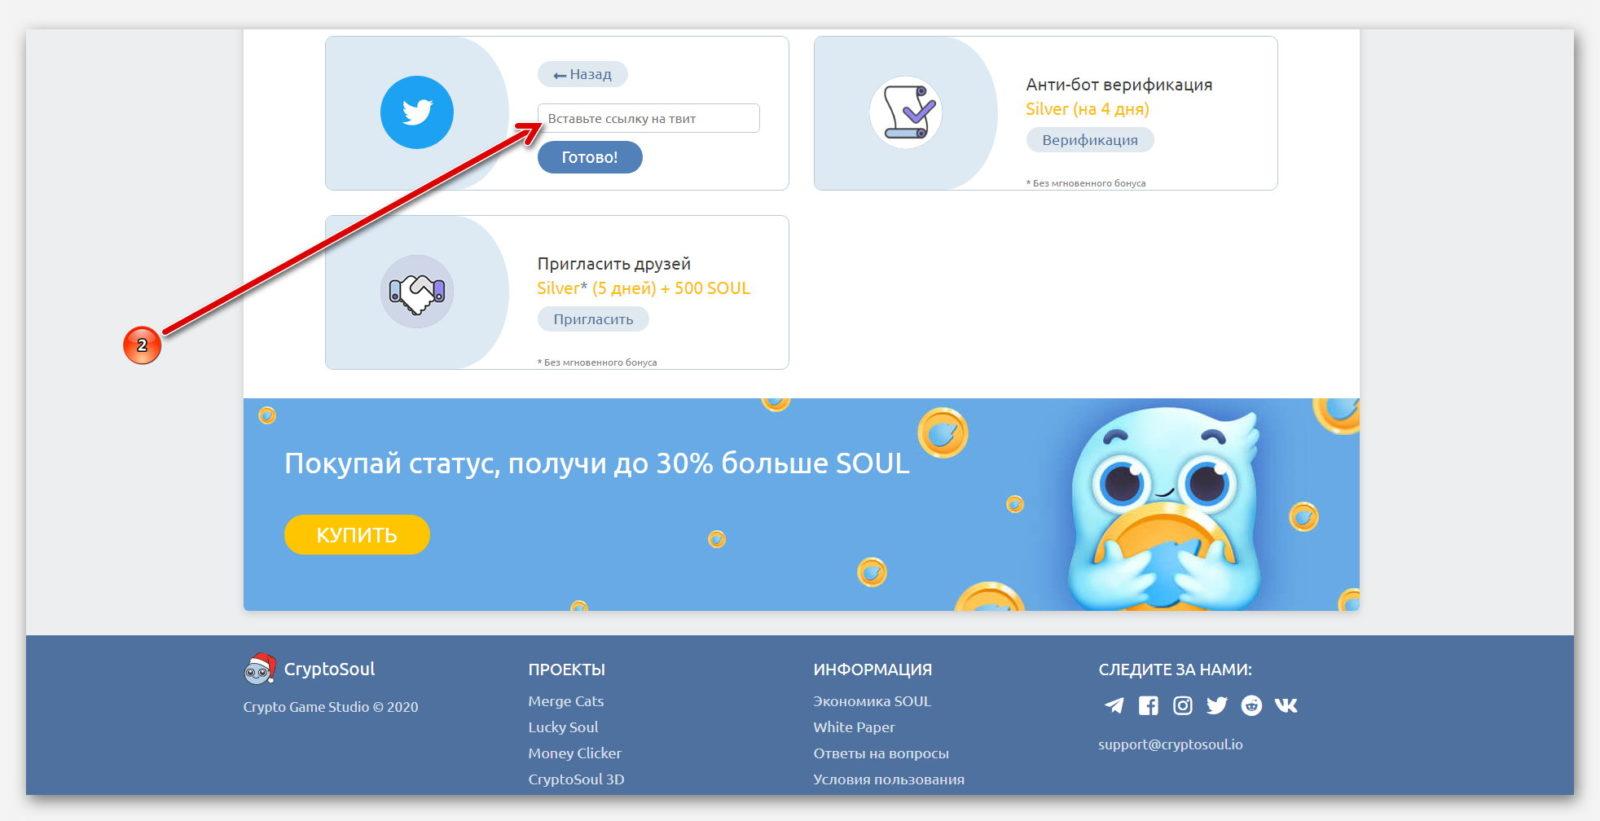 Поле, для ввода ссылки на ретвит в Twitter, на сайте CryptoSoul